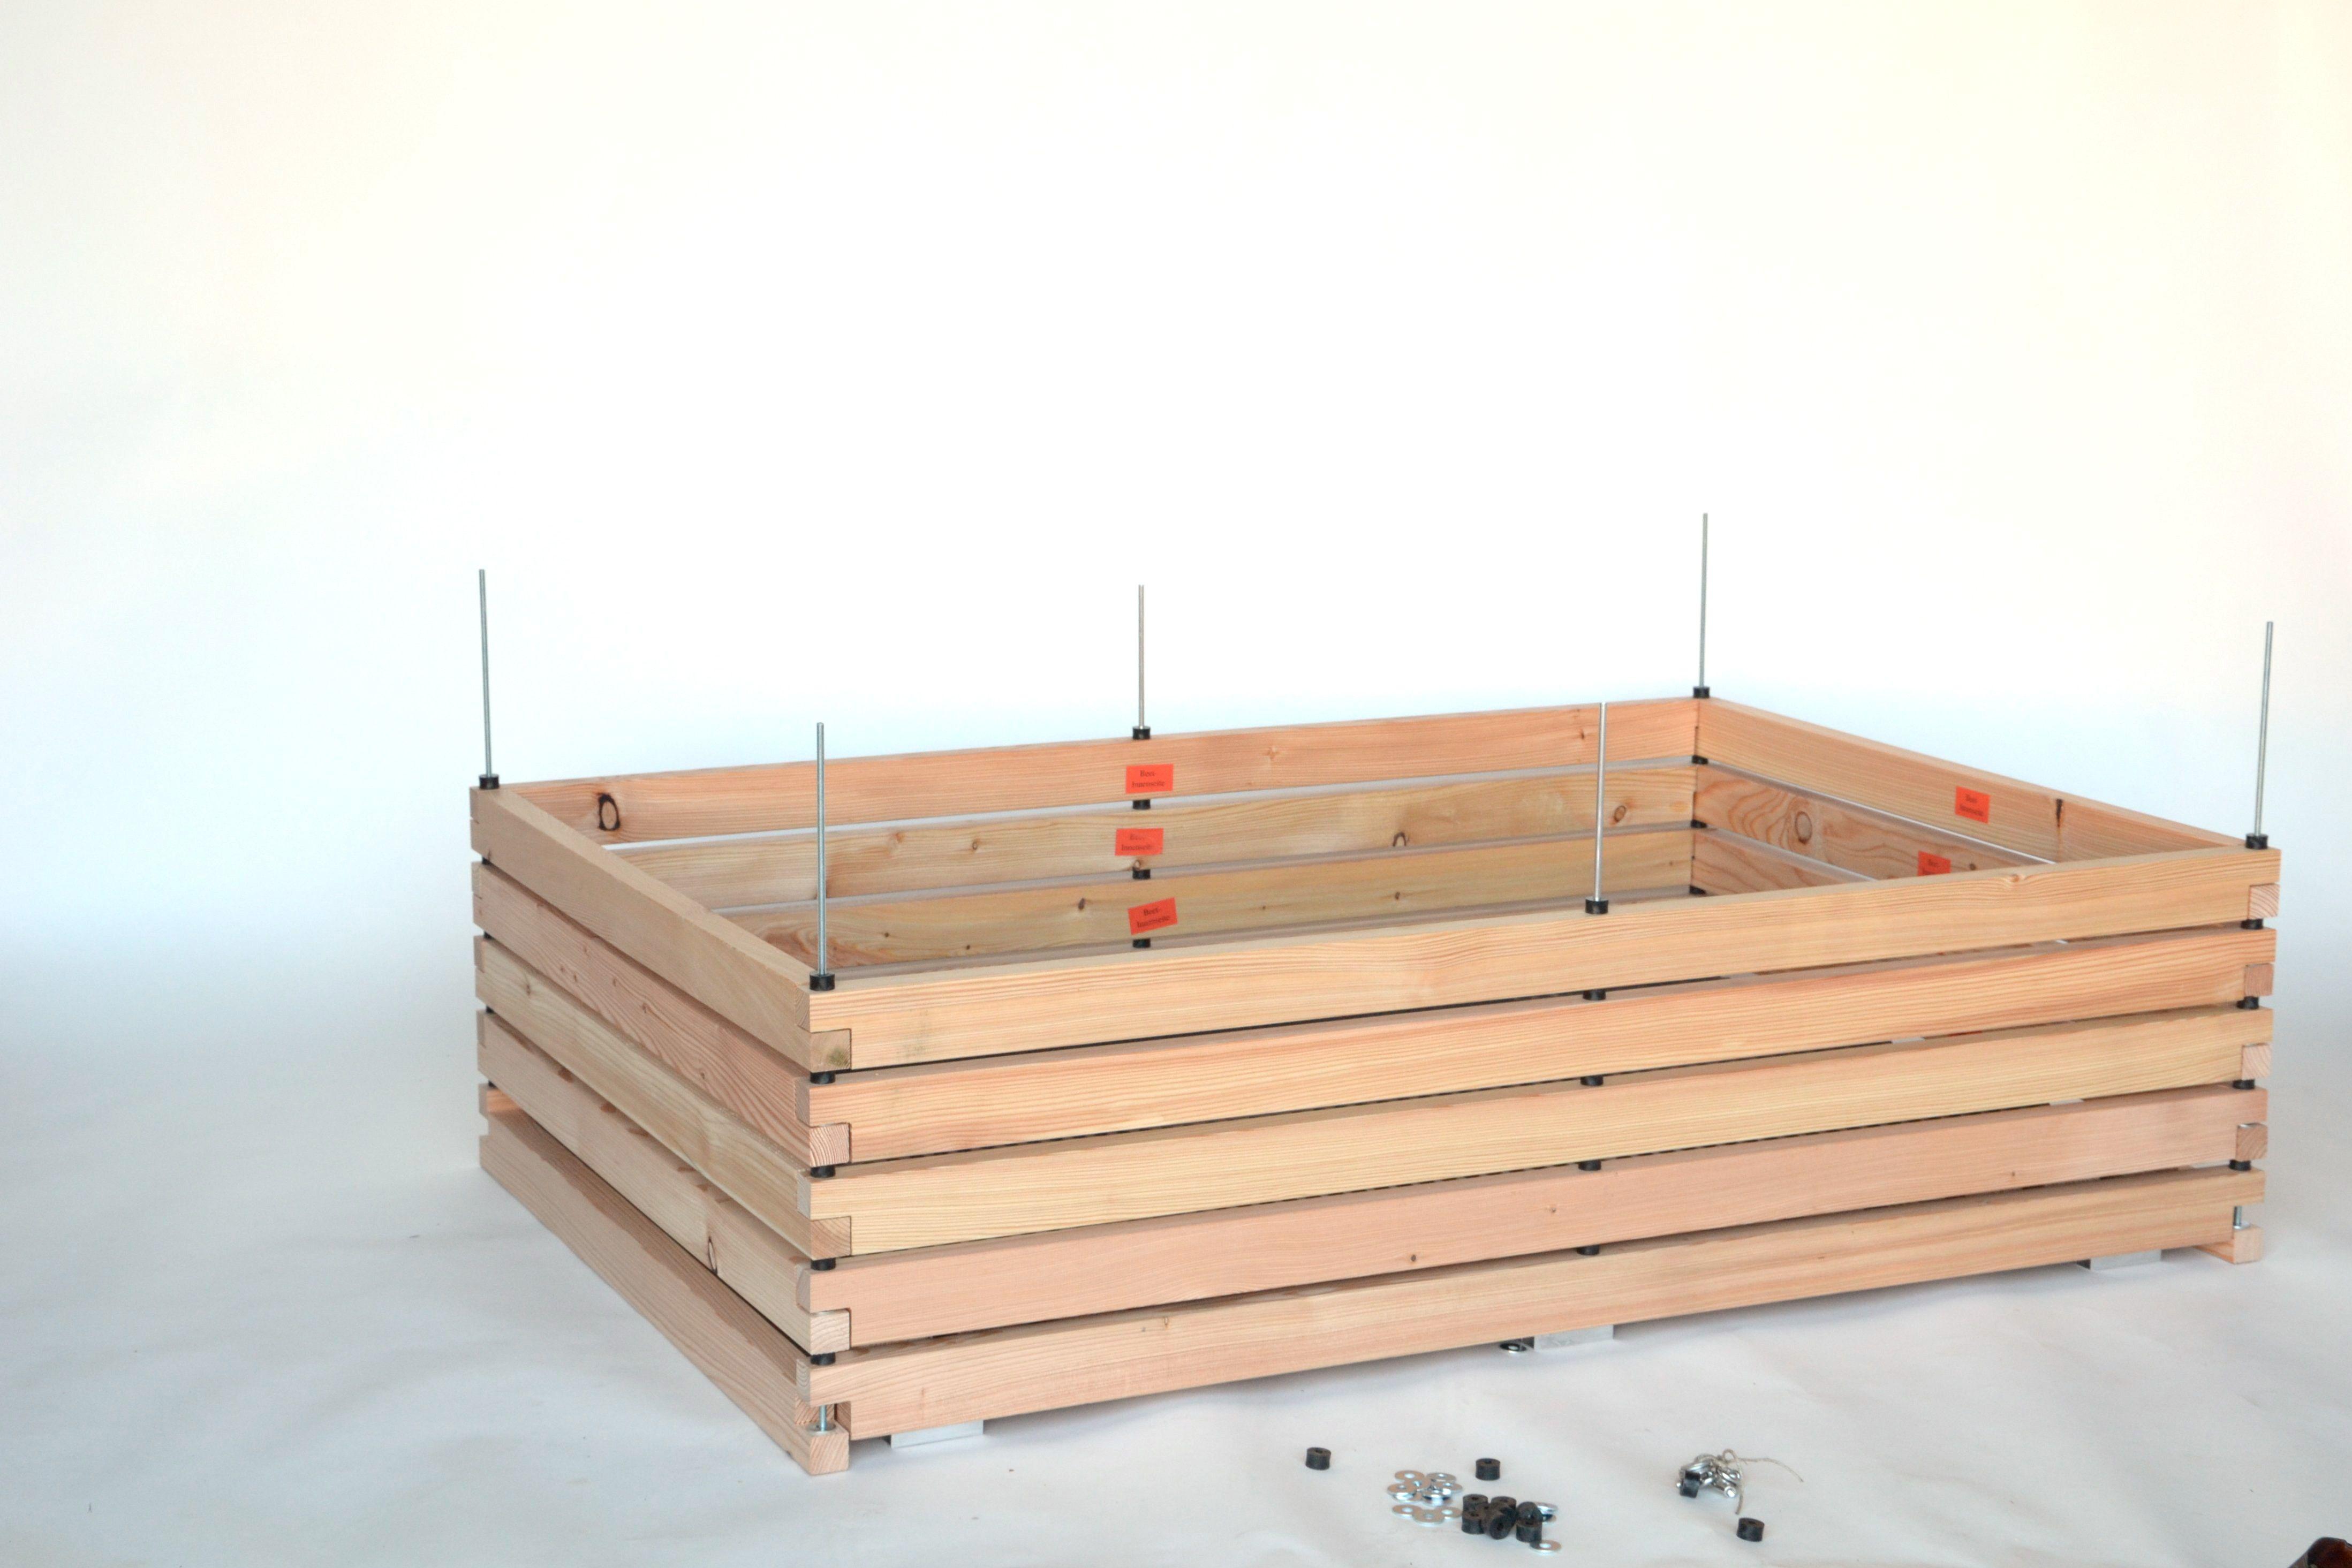 Hochbeet Pflanzkasten Aus Larche Fur Die Terrasse 180x120cm Mit Bildern Hochbeet Holz Hochbeet